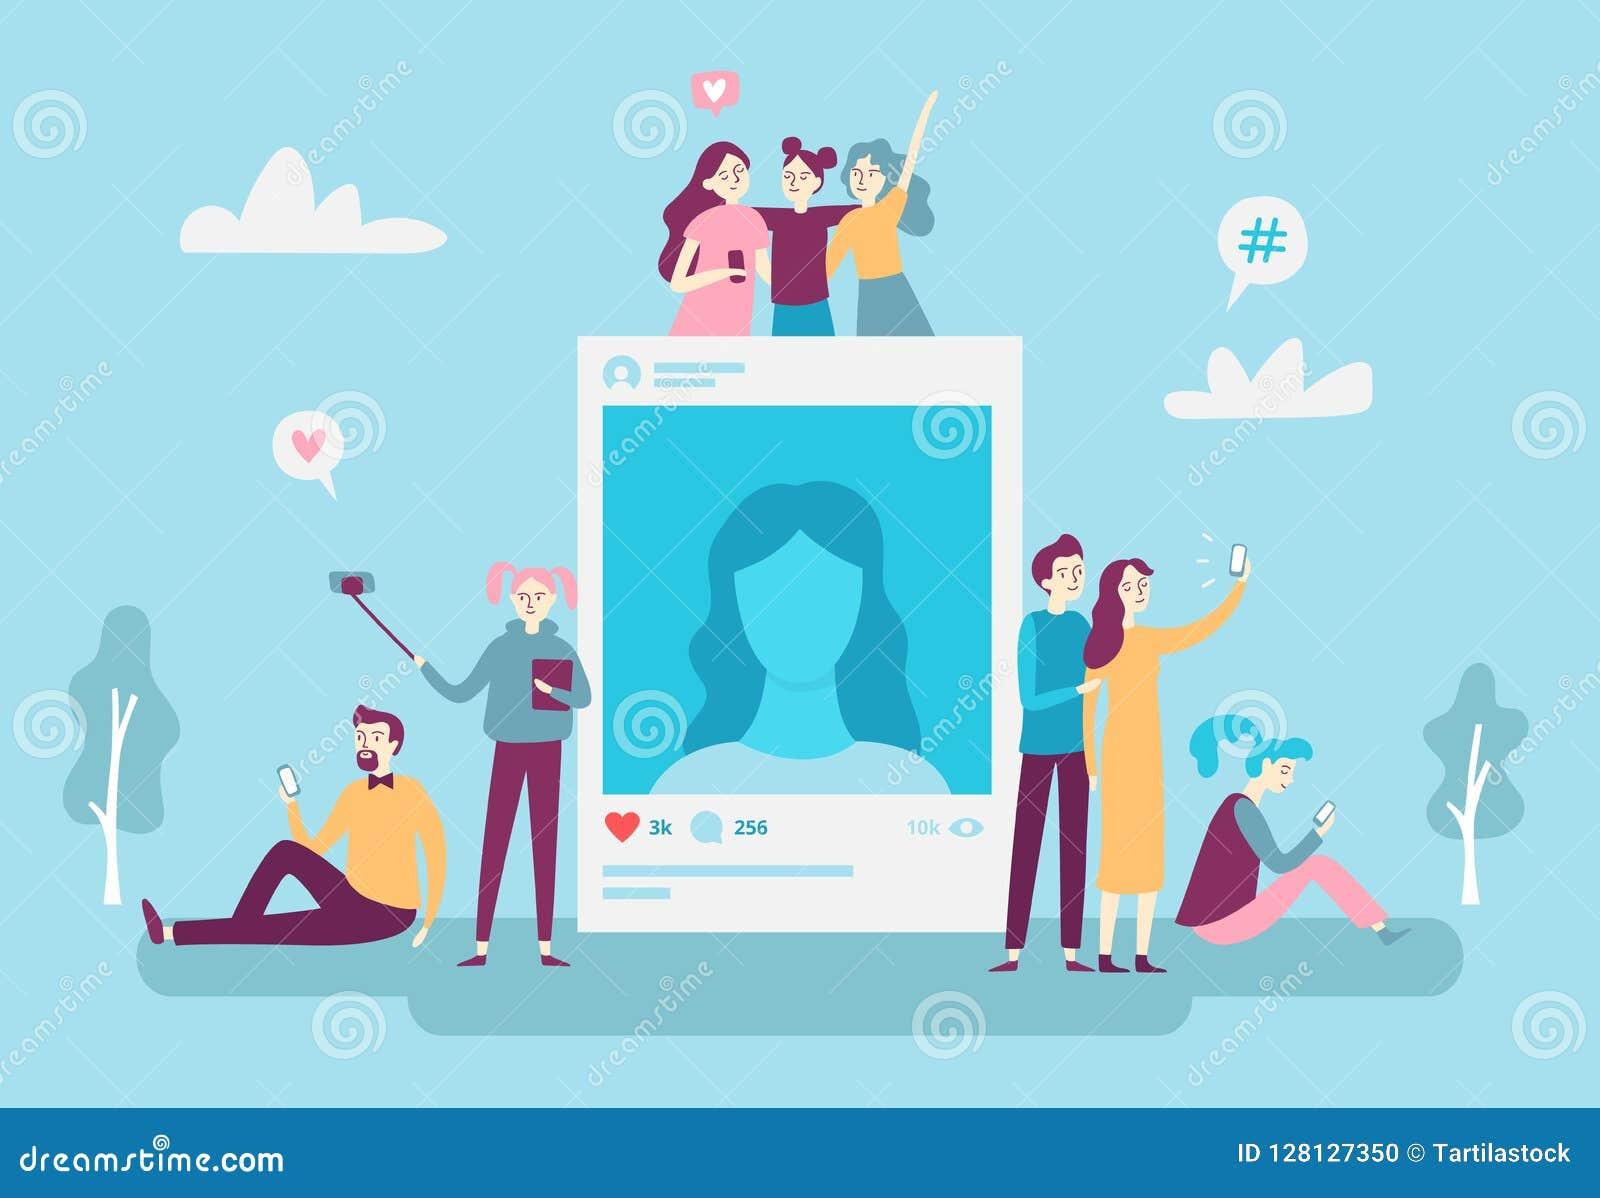 Povos sociais dos jovens do cargo da foto da rede que afixam fotos do selfie no smartphone Conceito social do vetor do apego dos